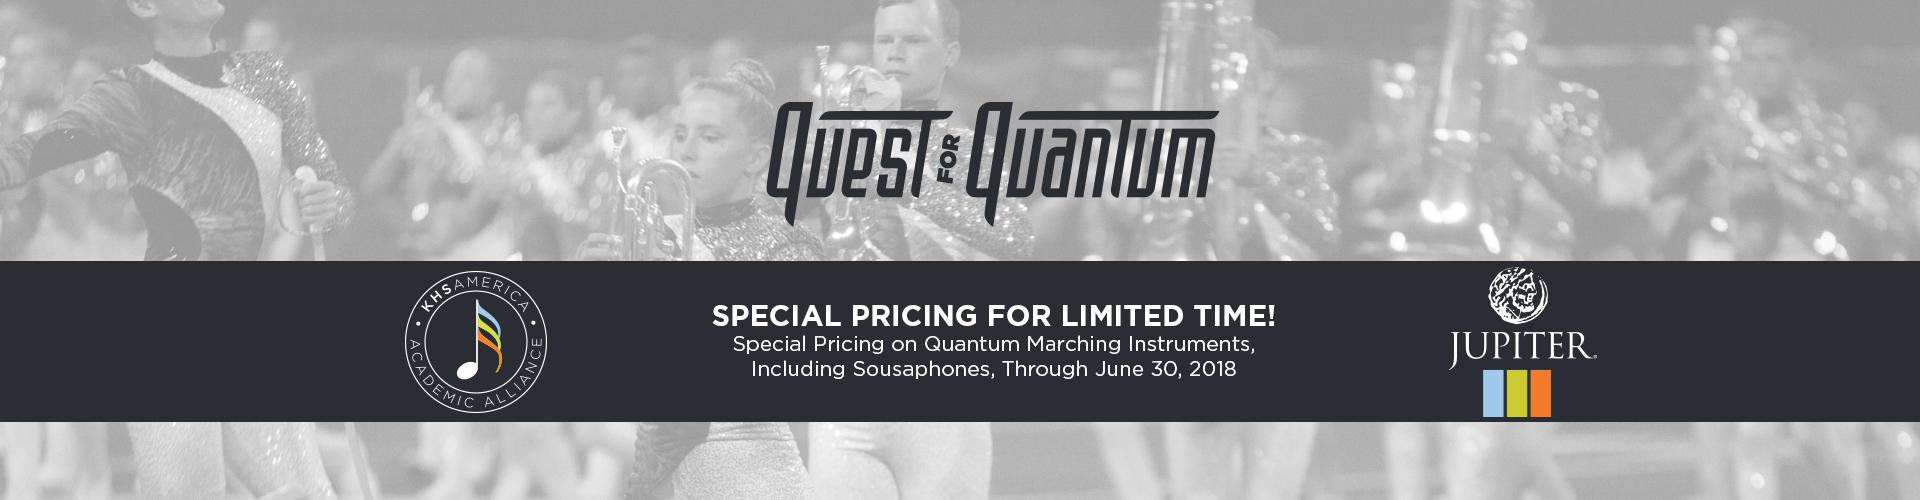 Quest 4 Quantum